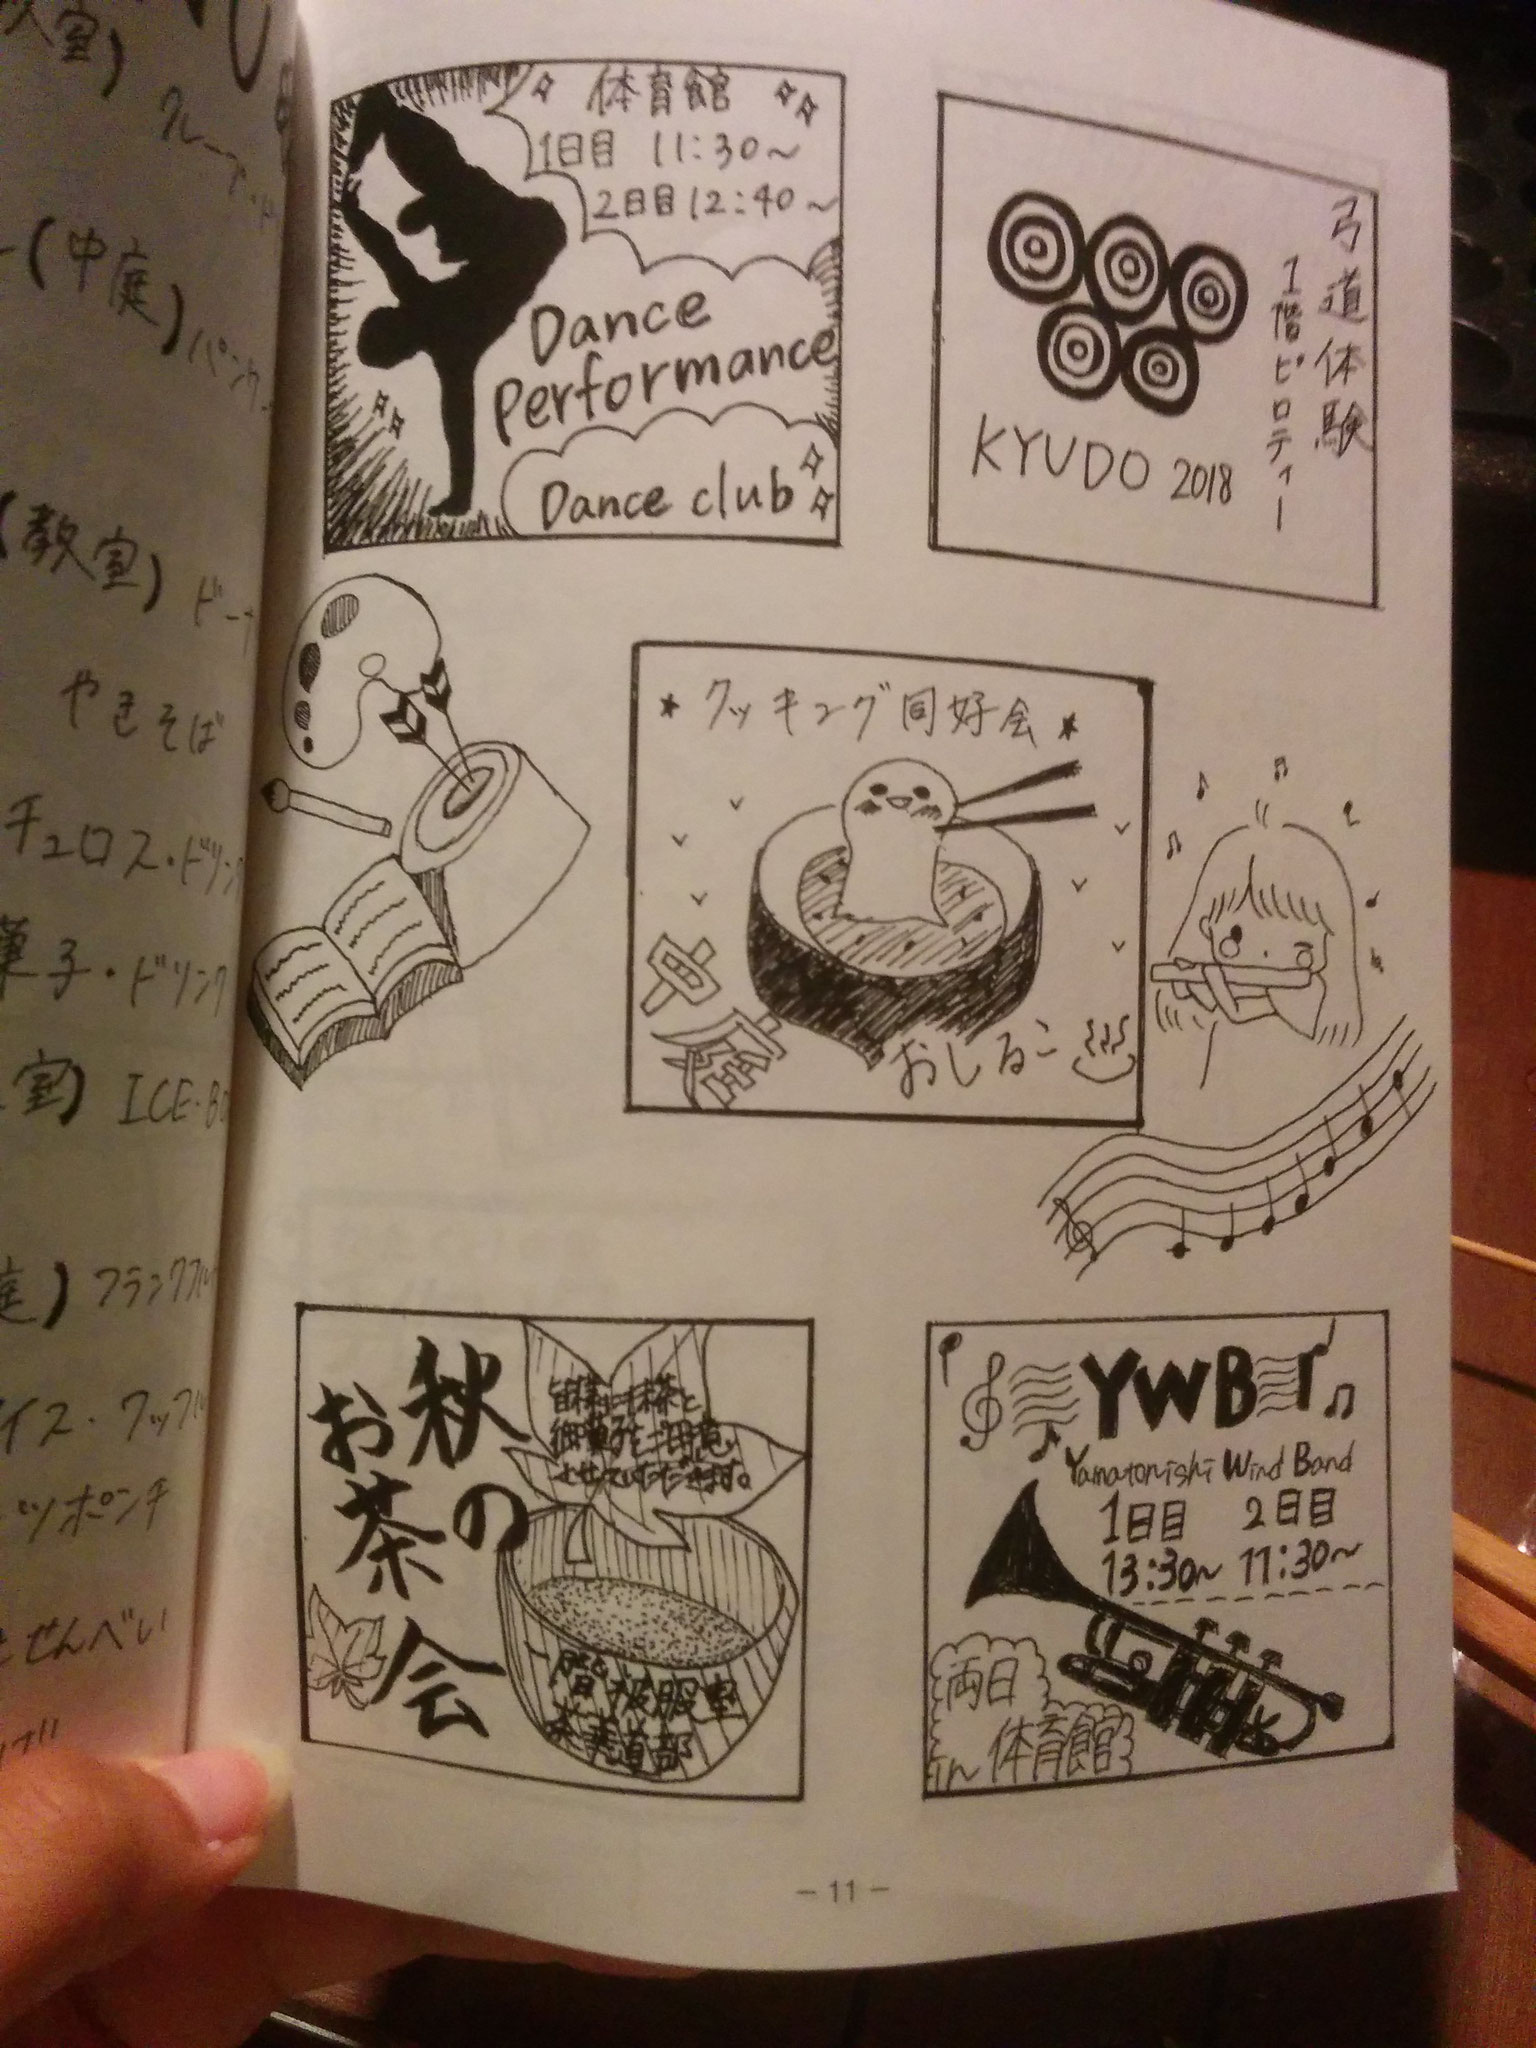 3 Bunkasai pamphlet